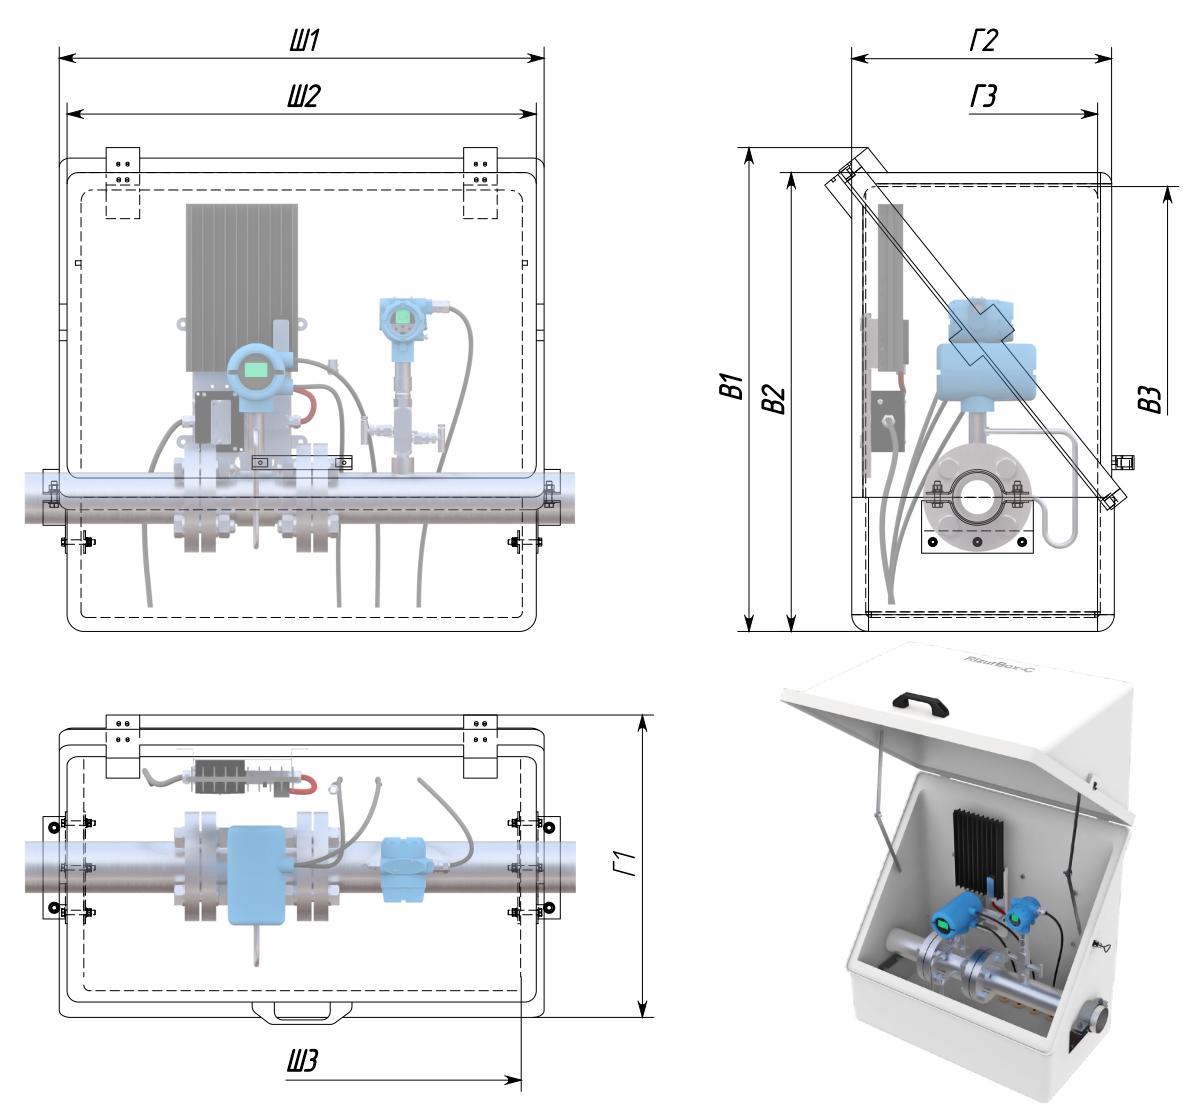 Термошкафы стеклопластиковые РизурБокс-С (RizurBox-C) диагонального раскрытия с поддоном